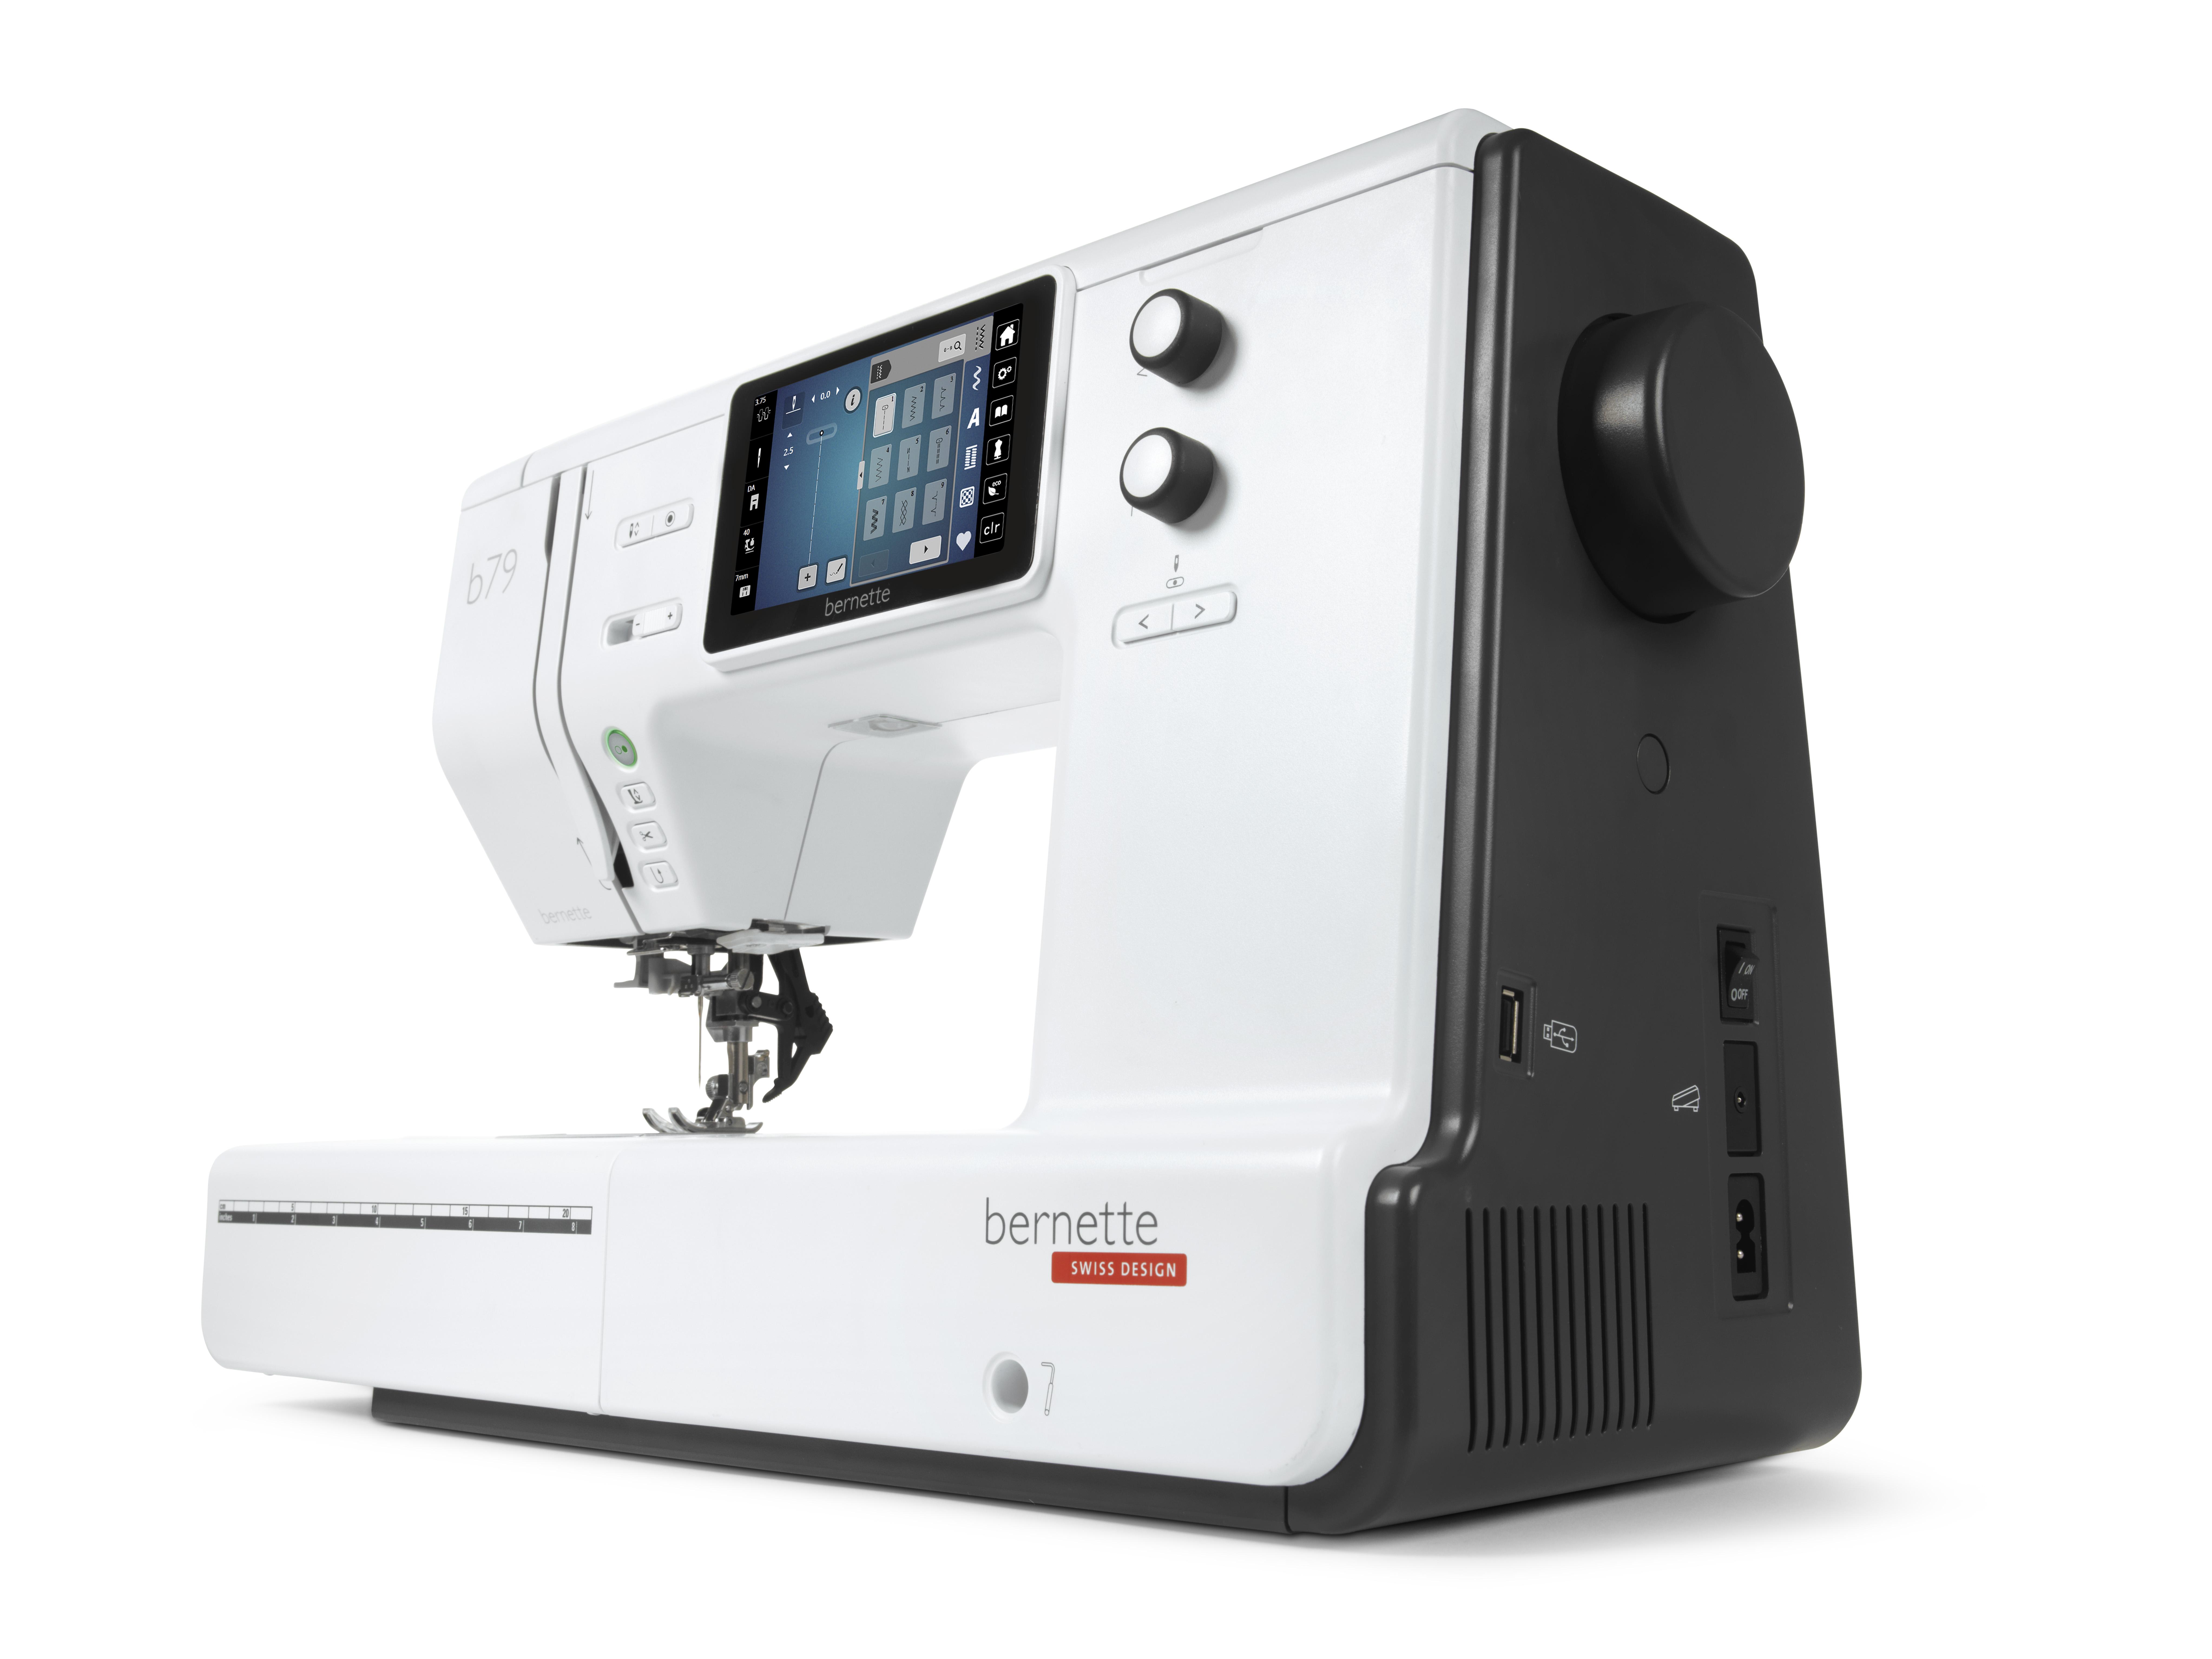 šicí a vyšívací stroj Bernette 79-2